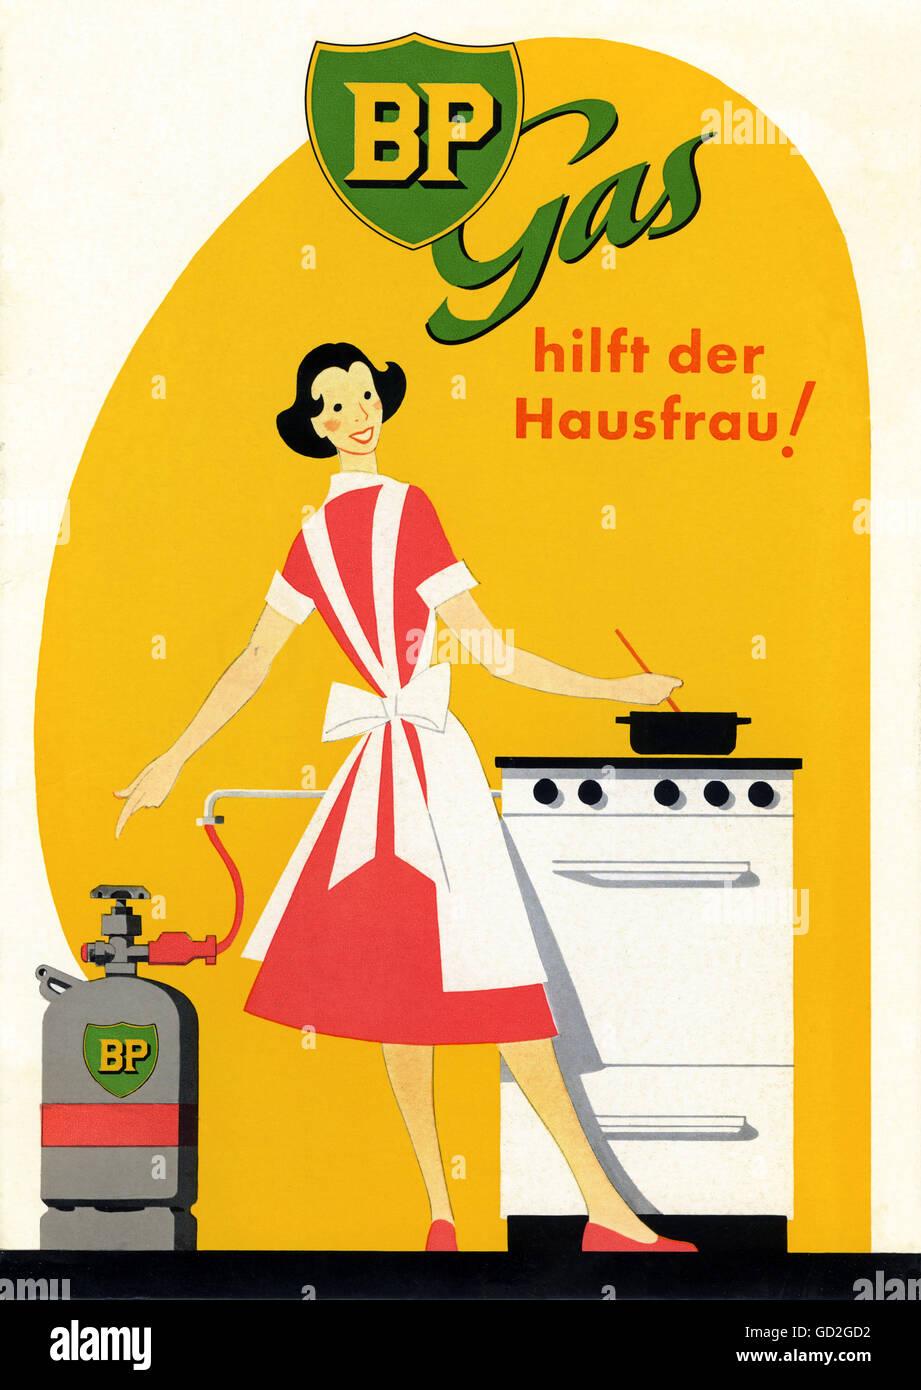 049009e72d712 La publicité, ménage, BP Gas est le helper pour chaque femme au foyer,  panneau publicitaire, femme au foyer est la cuisson à gaz avec gamme de BP,  ...